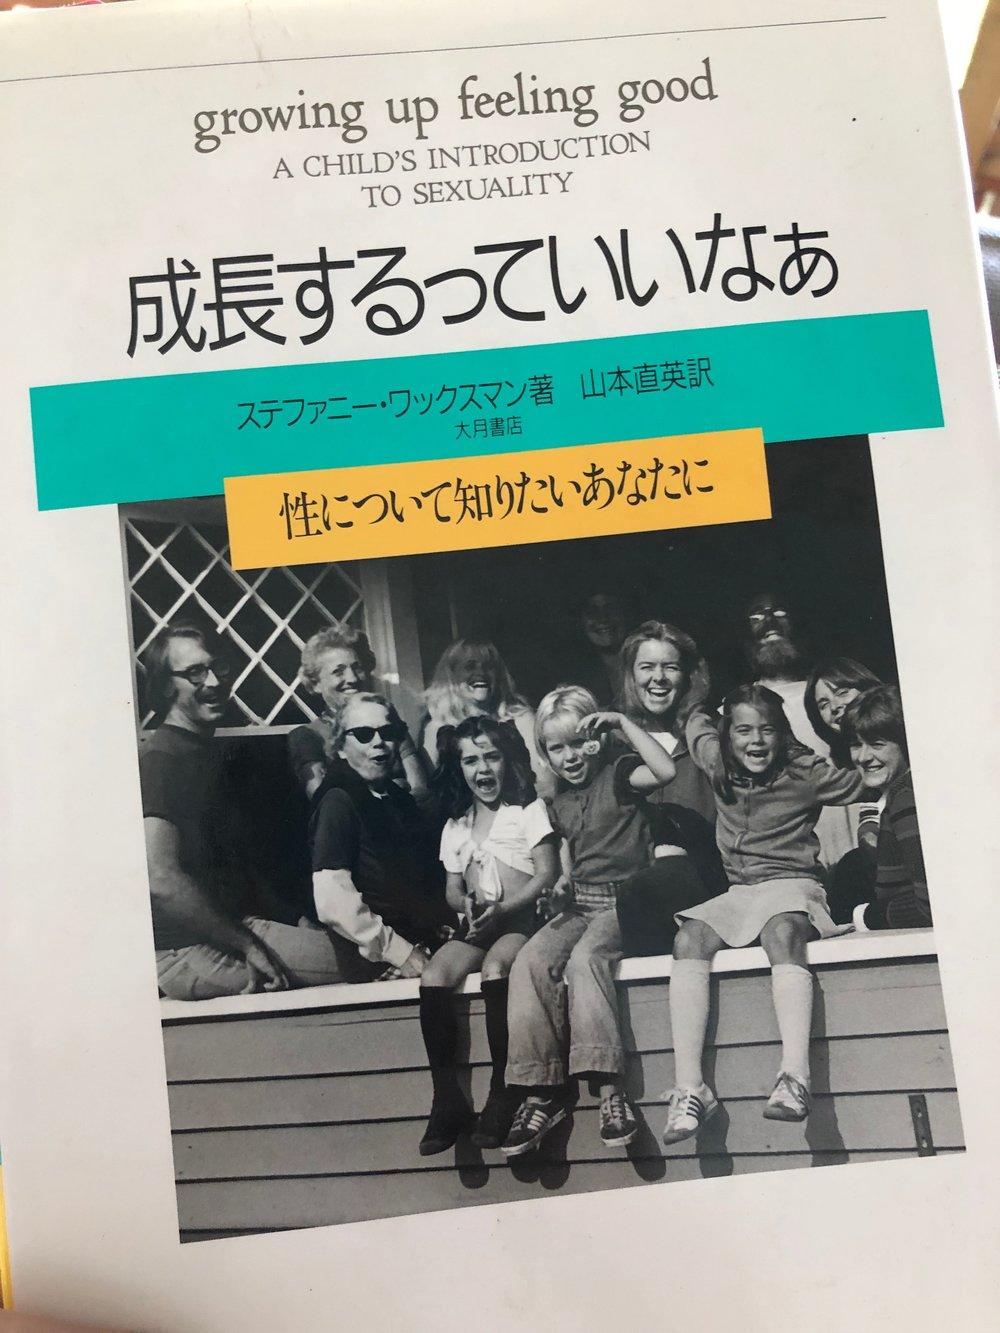 数年前にプレゼントで頂いた、この本も、とても良かったです。でももう絶版かもしれないそうです、、、。